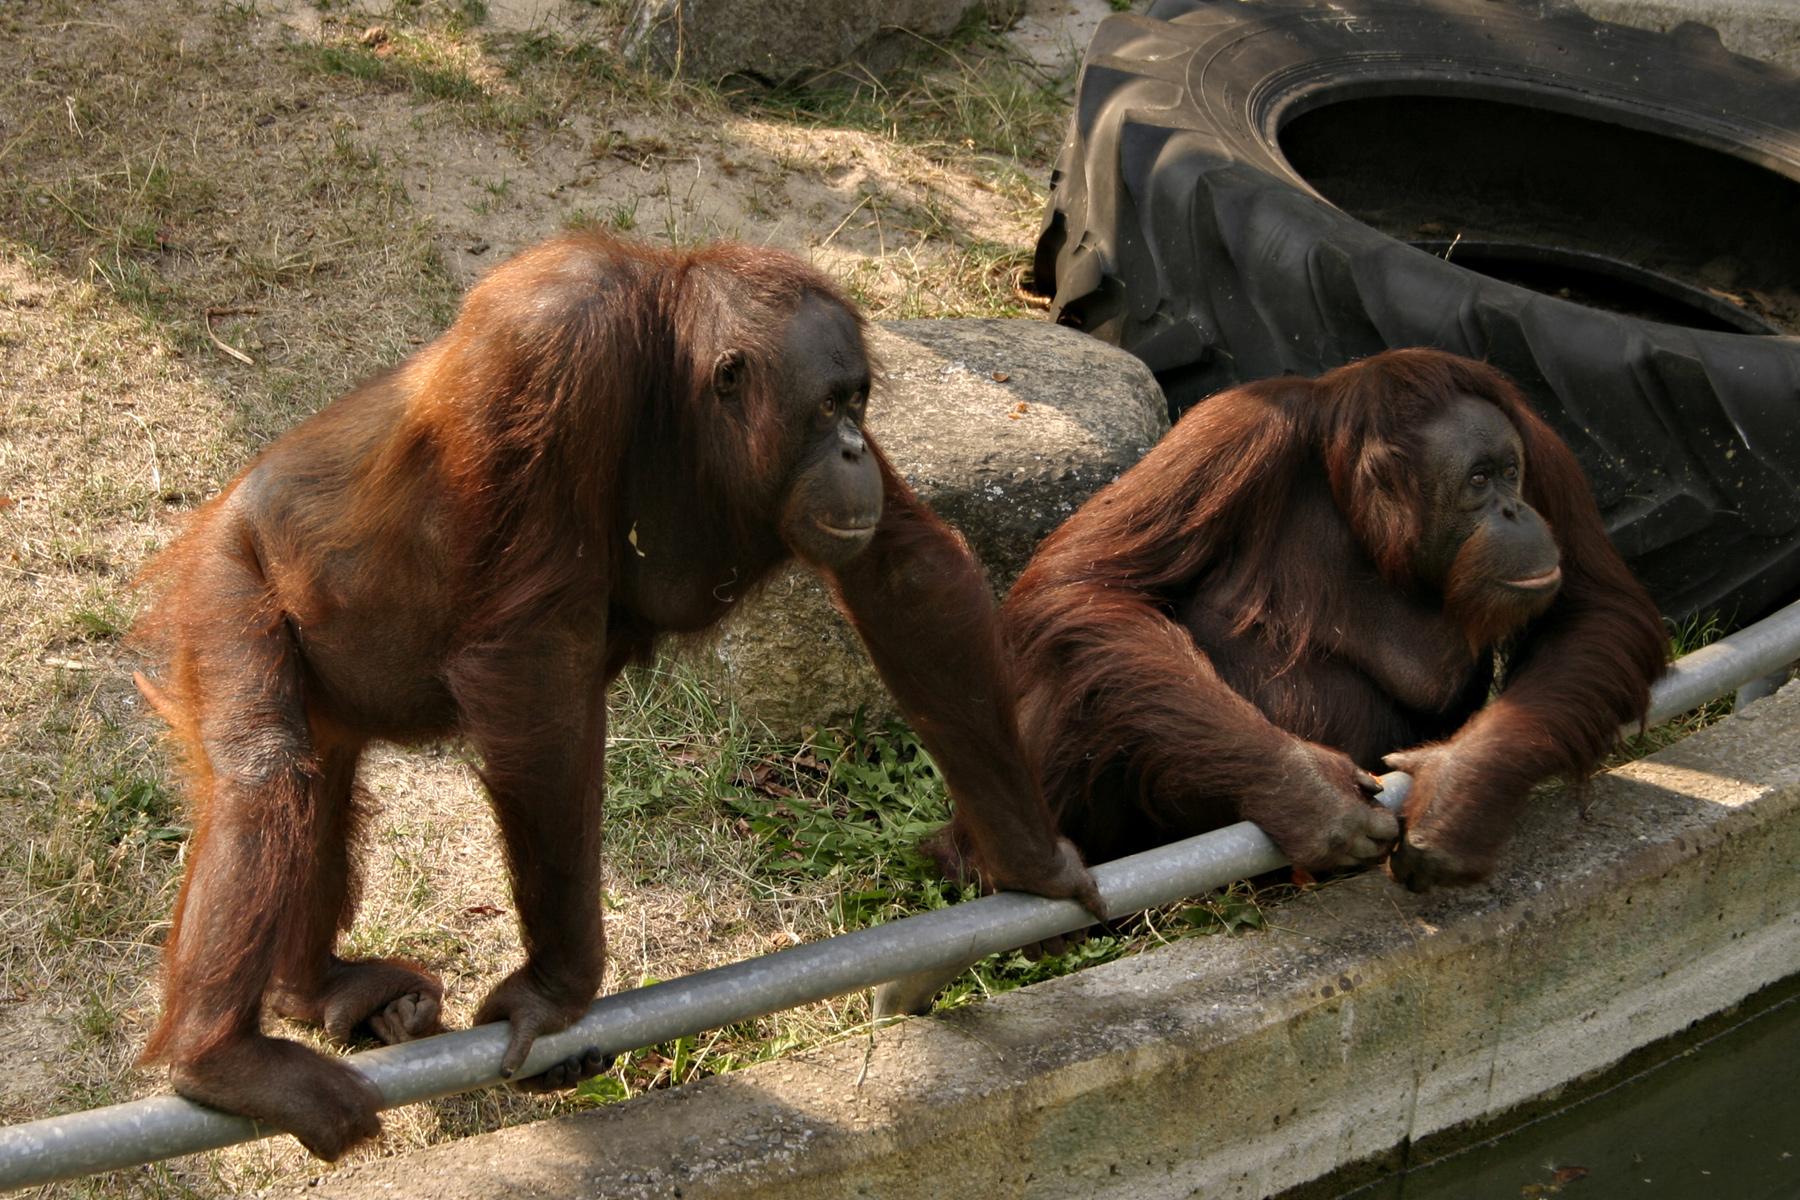 Two orangutans, Ape, Looking, Monkey, Orangutan, HQ Photo